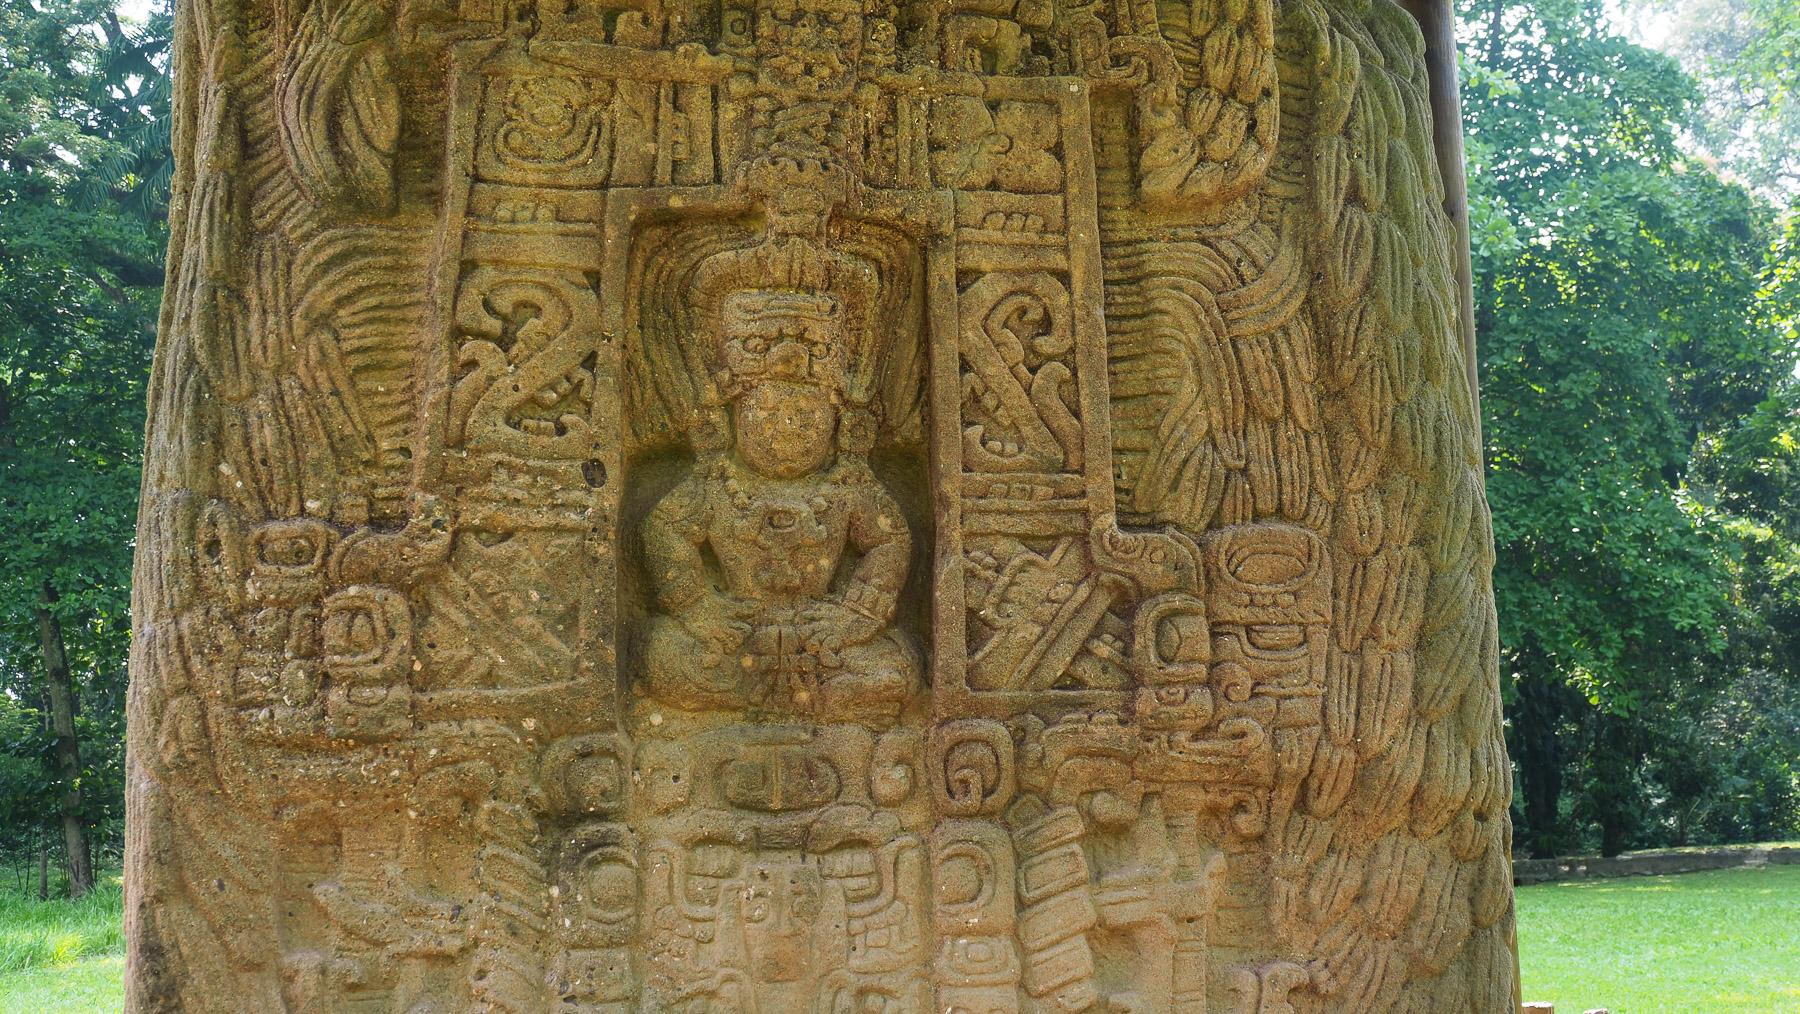 Überraschend fein gearbeitete Stelen der Maya in Quirigua